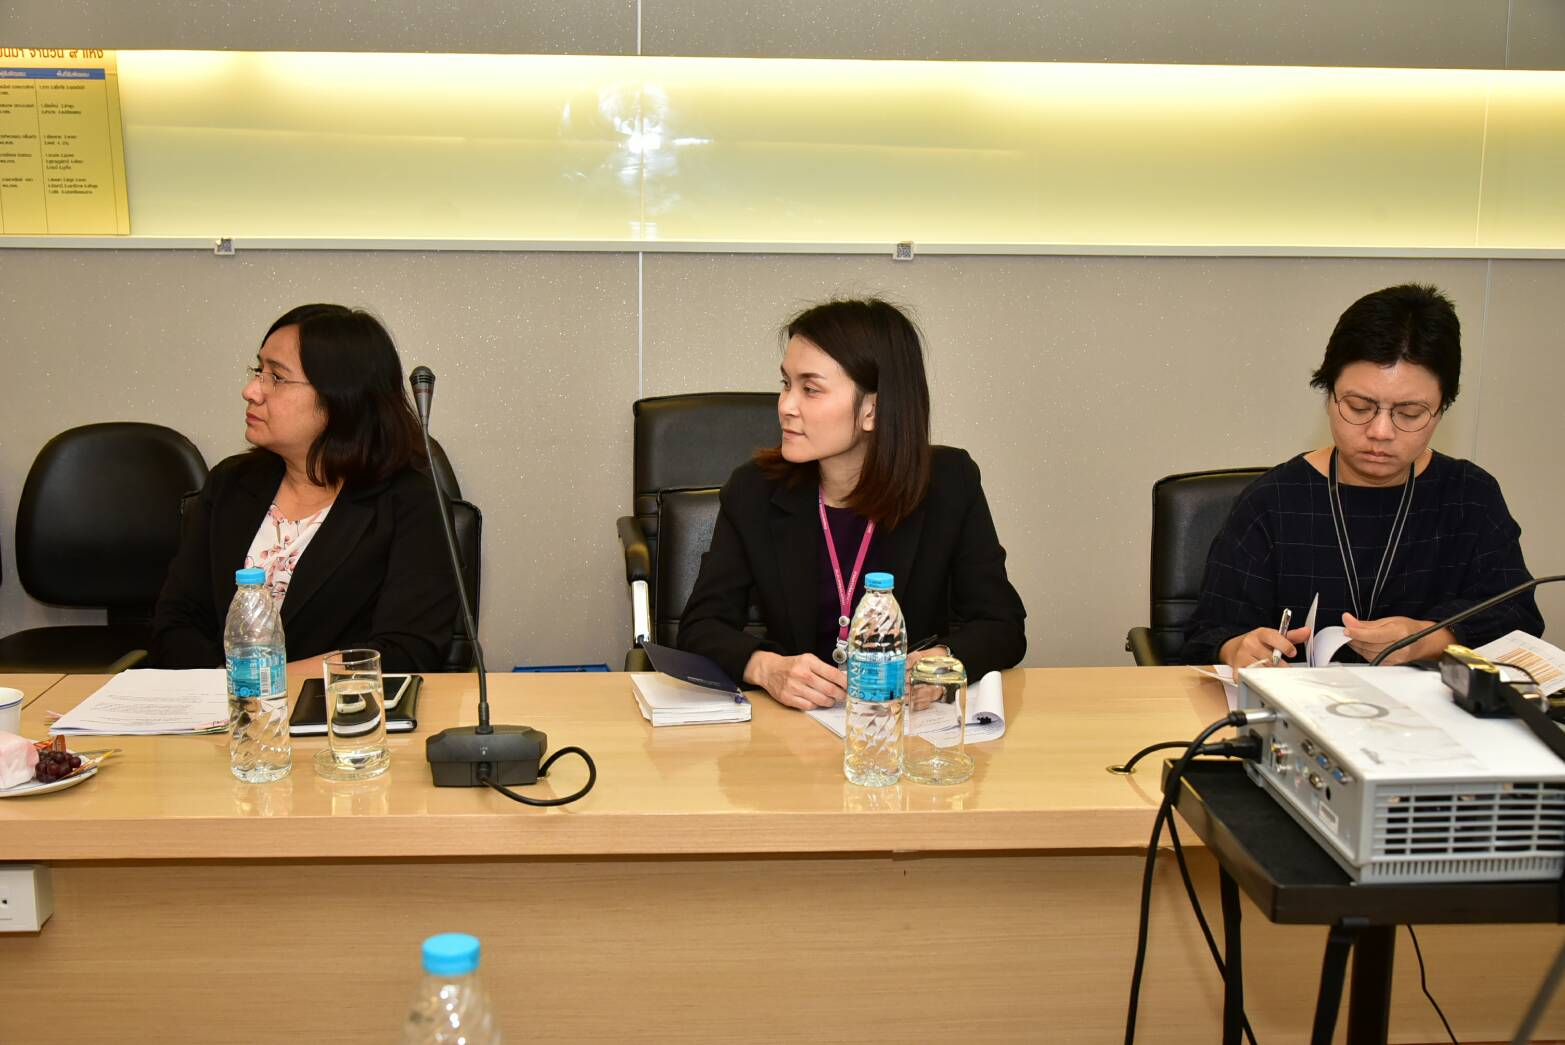 กระทรวงแรงงาน จัดประชุมคณะทำงานดำเนินการจัดระบบการจัดส่งแรงงานไทยไปทำงานชั่วคราวในภาคเกษตรในรัฐอิสราเอล ครั้งที่ 1